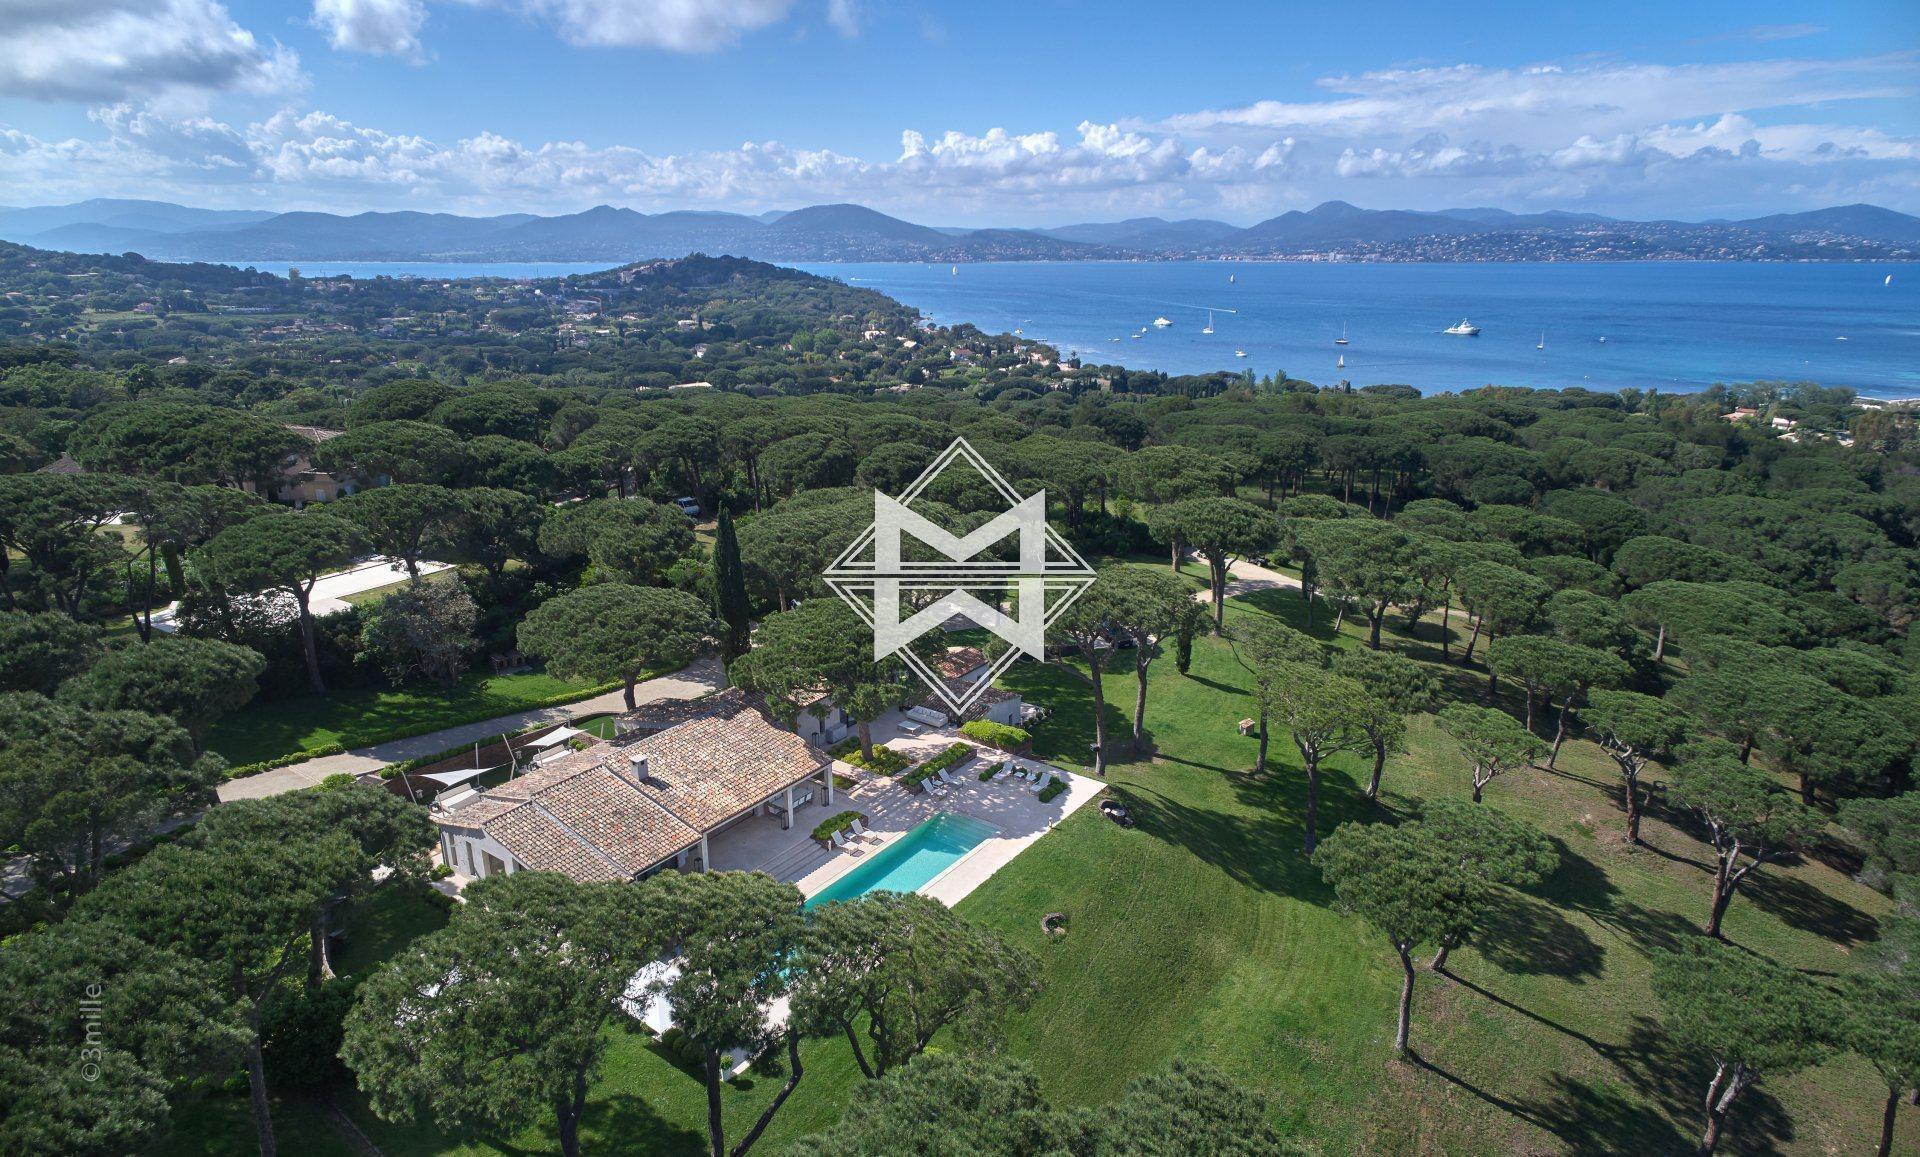 Villa in Saint-Tropez, Provence-Alpes-Côte d'Azur, France 1 - 10673103